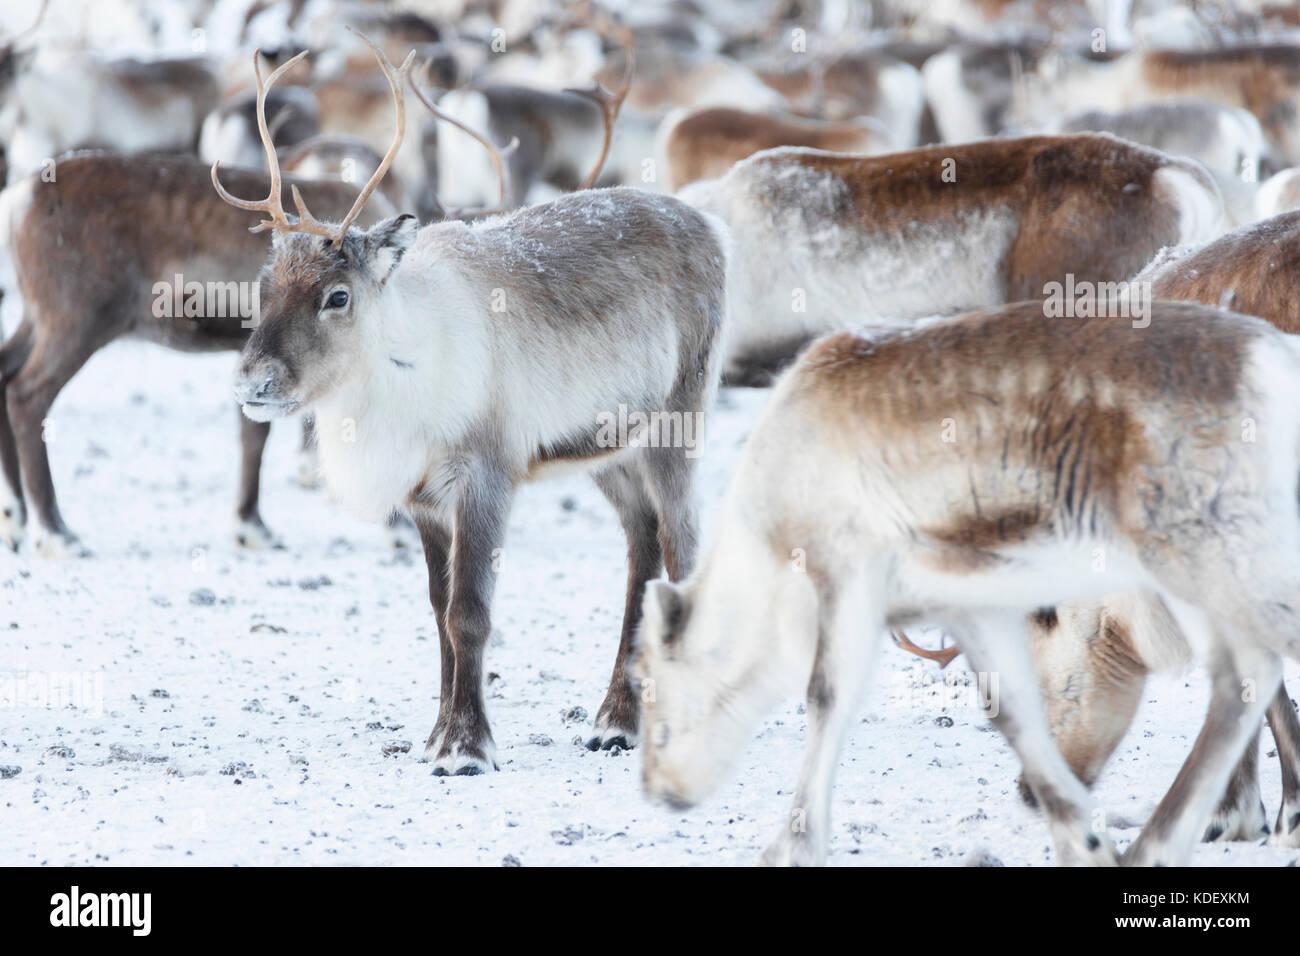 Renne isolée d'un troupeau, abisko, municipalité du comté de Norrbotten, Kiruna, Lapland, Sweden Photo Stock